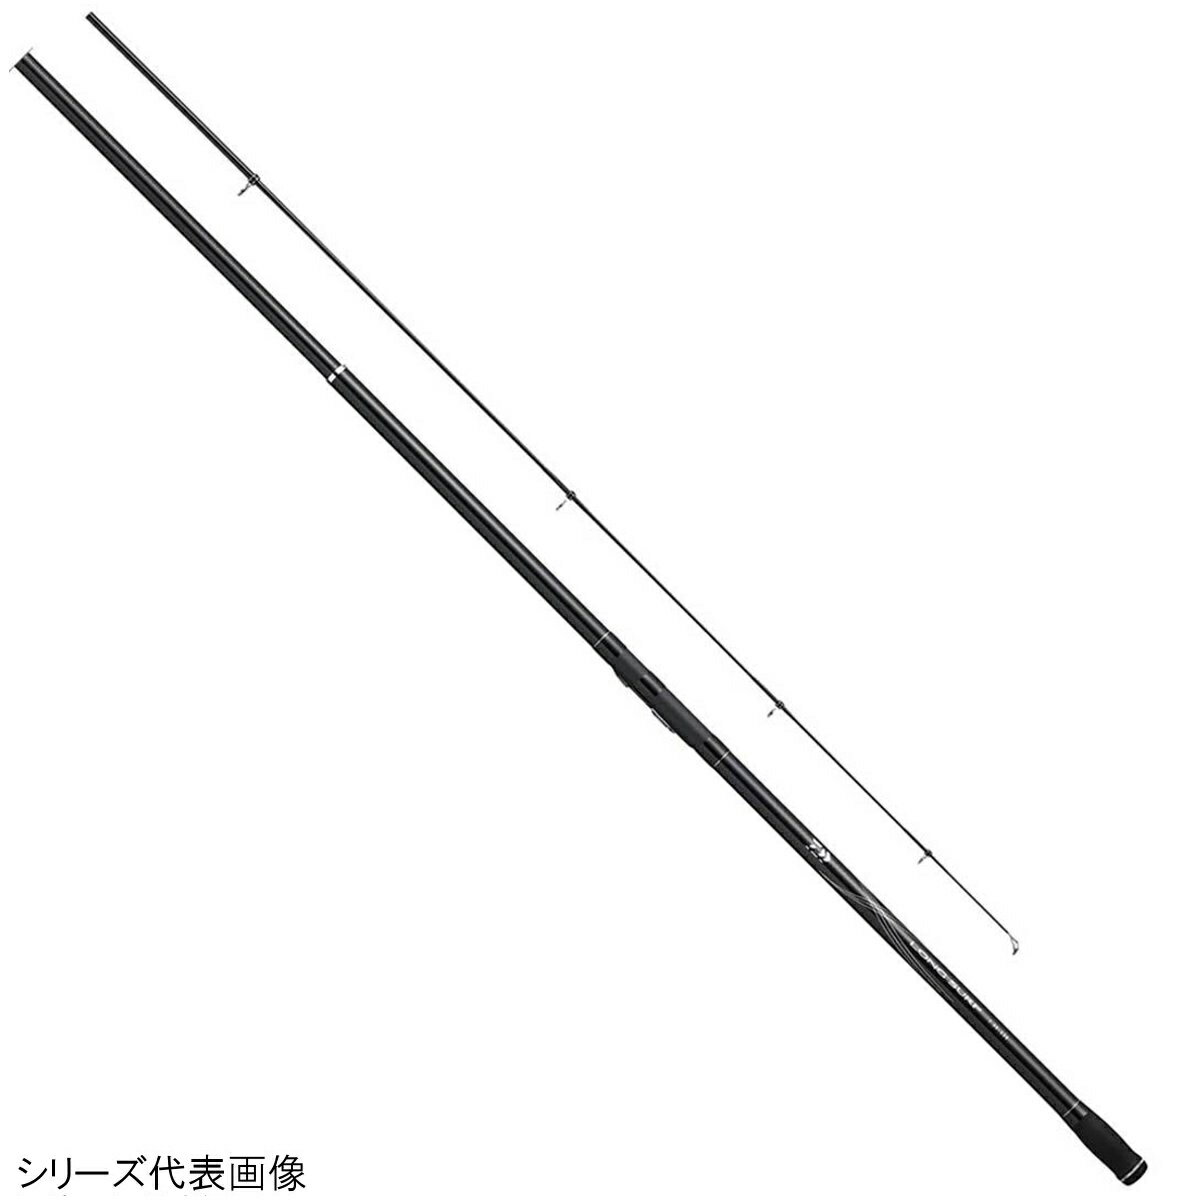 ダイワ ロングサーフ T 30-530・Y【送料無料】